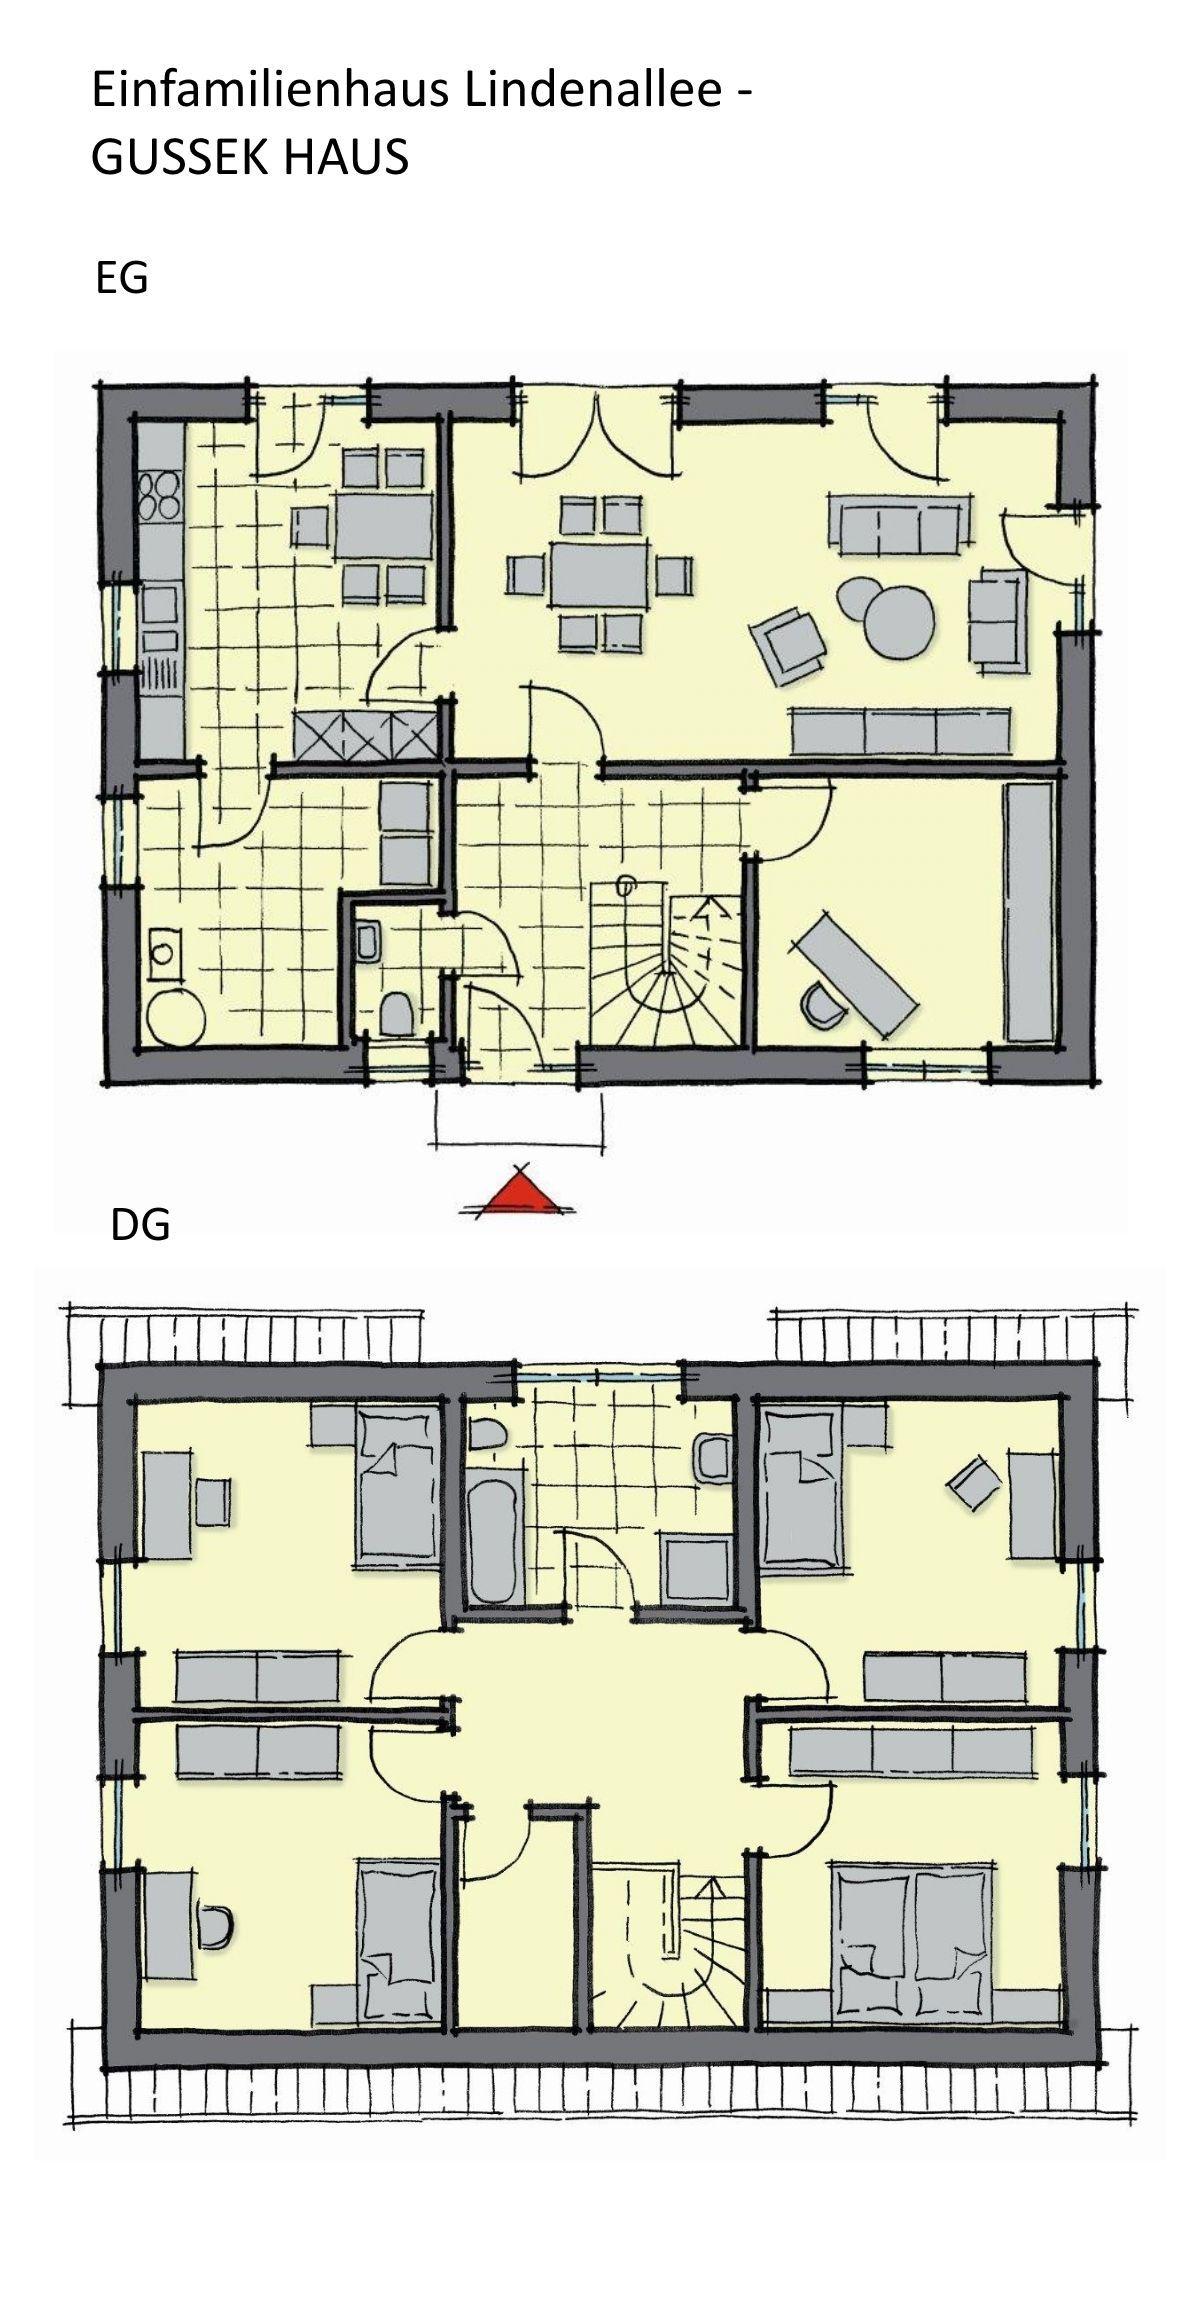 Einfamilienhaus Grundriss rechteckig mit Satteldach